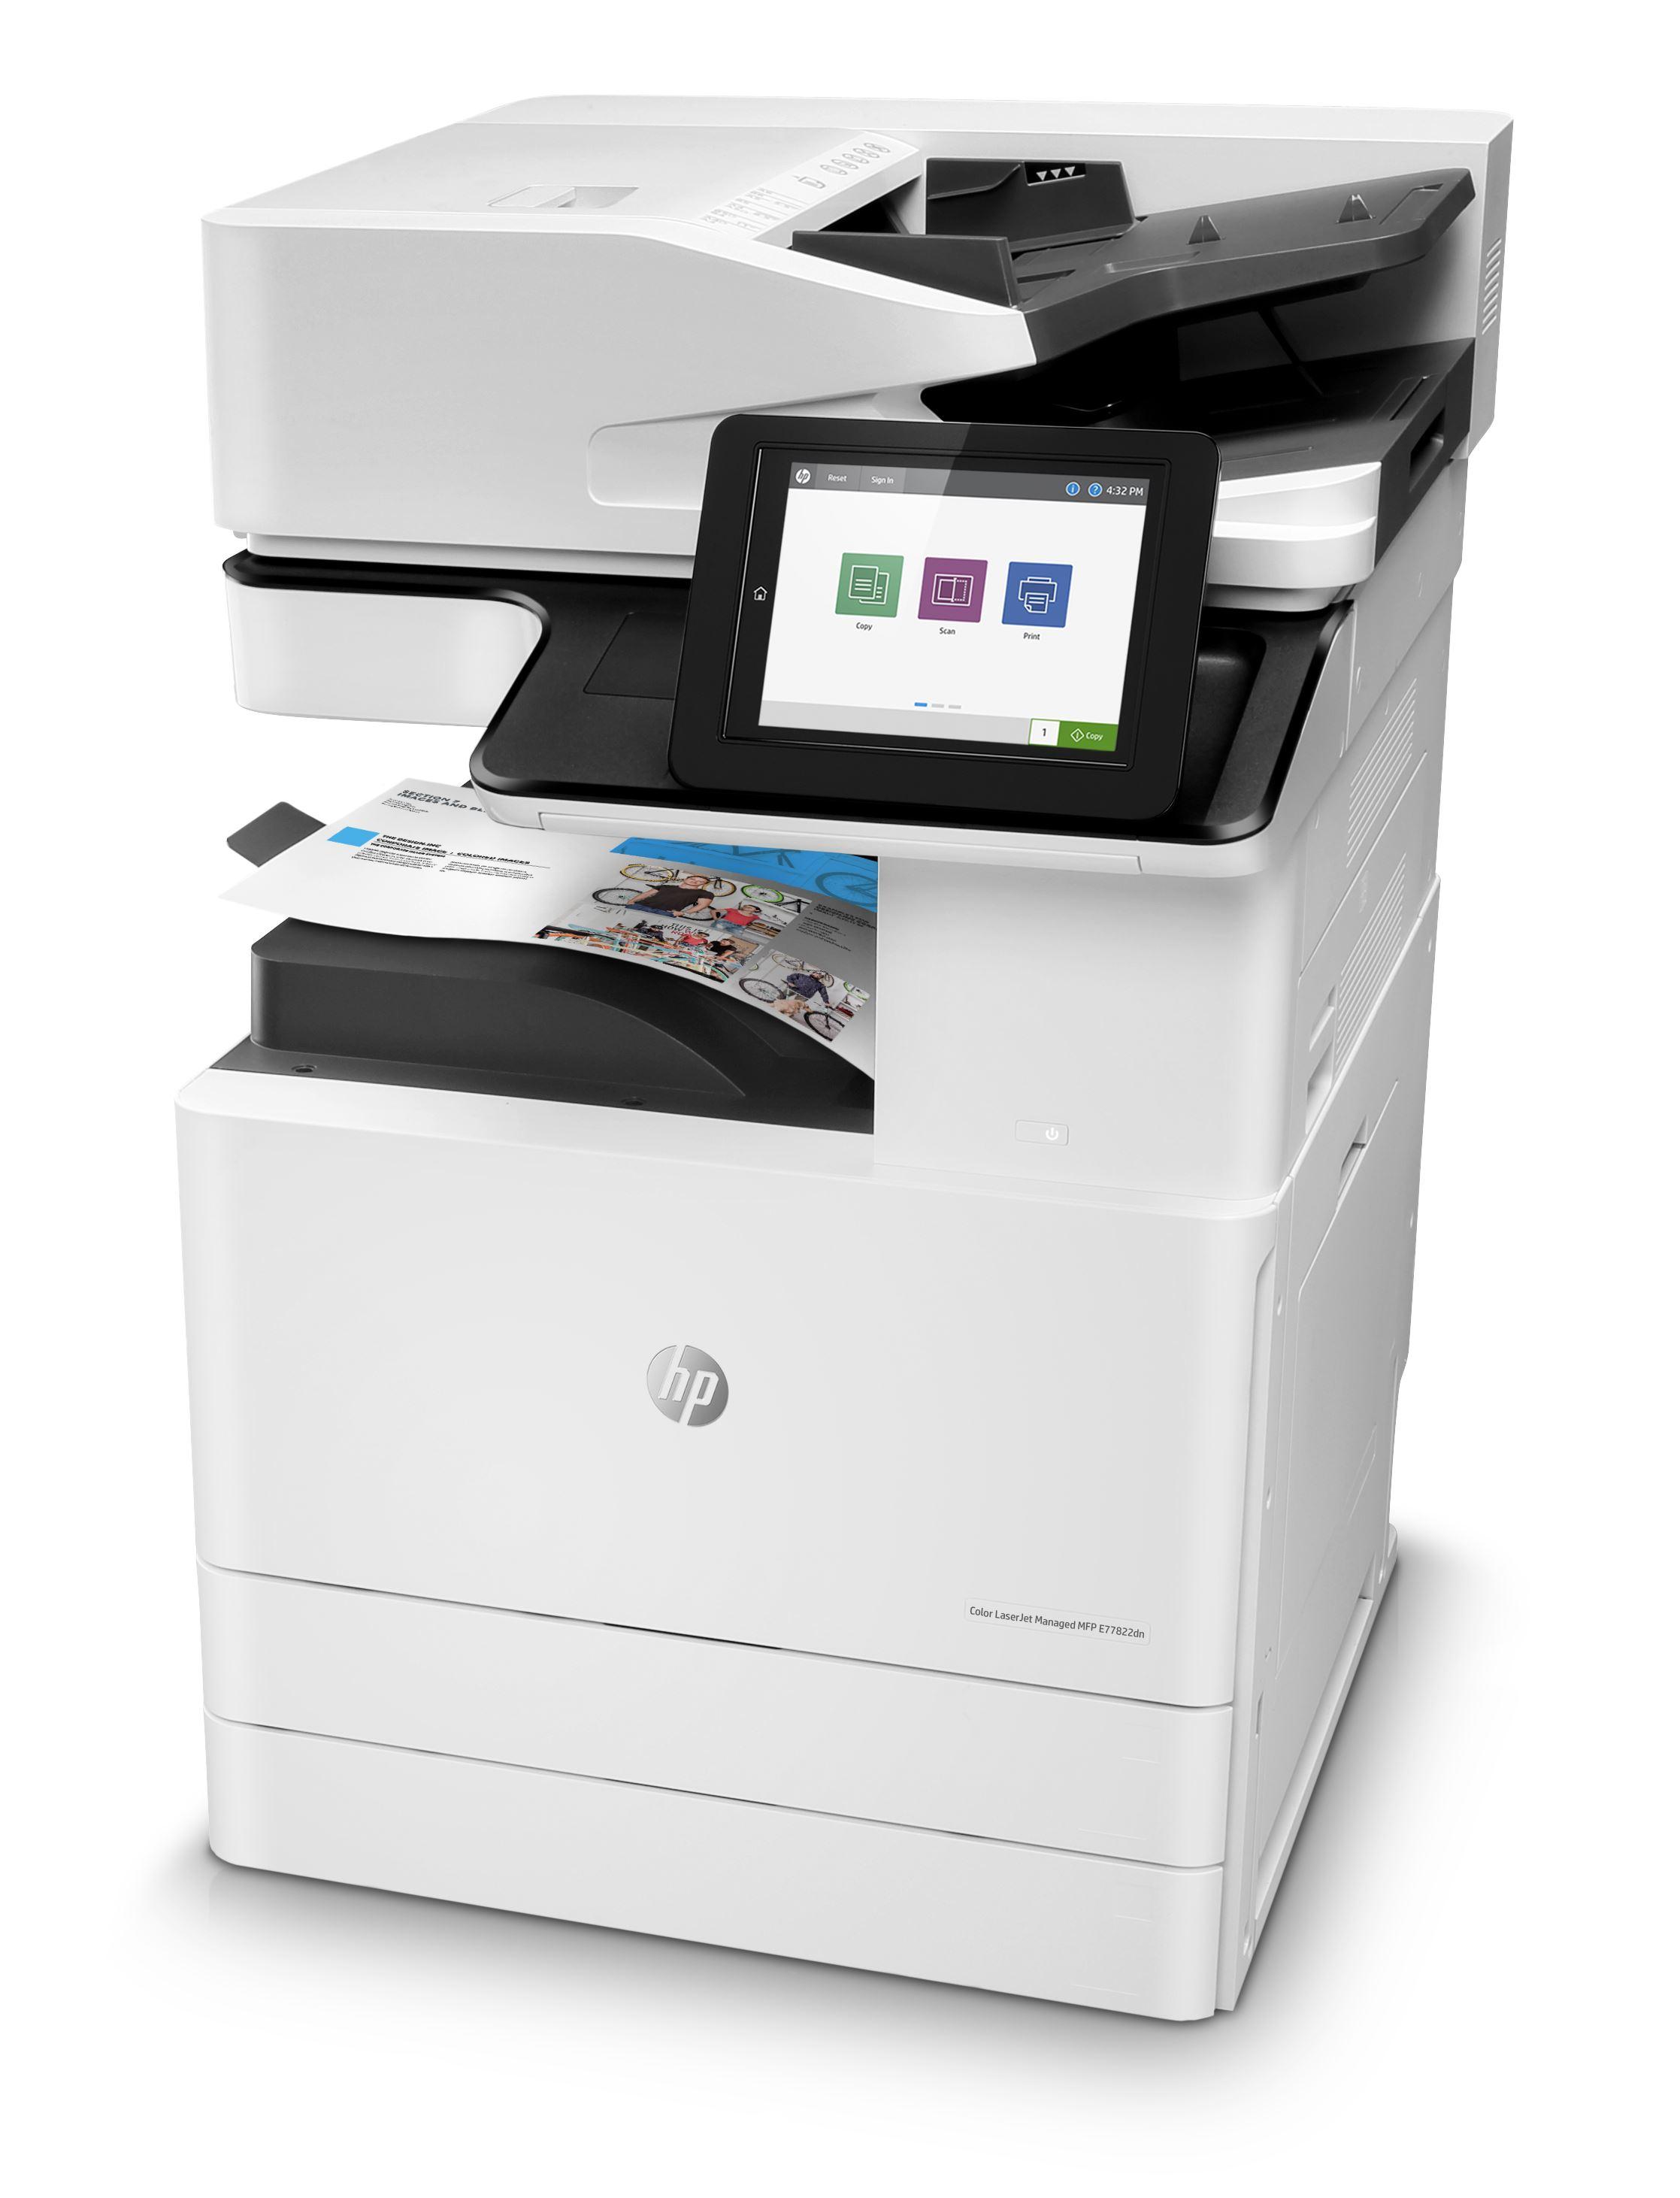 HP Color A3 MFP E77428